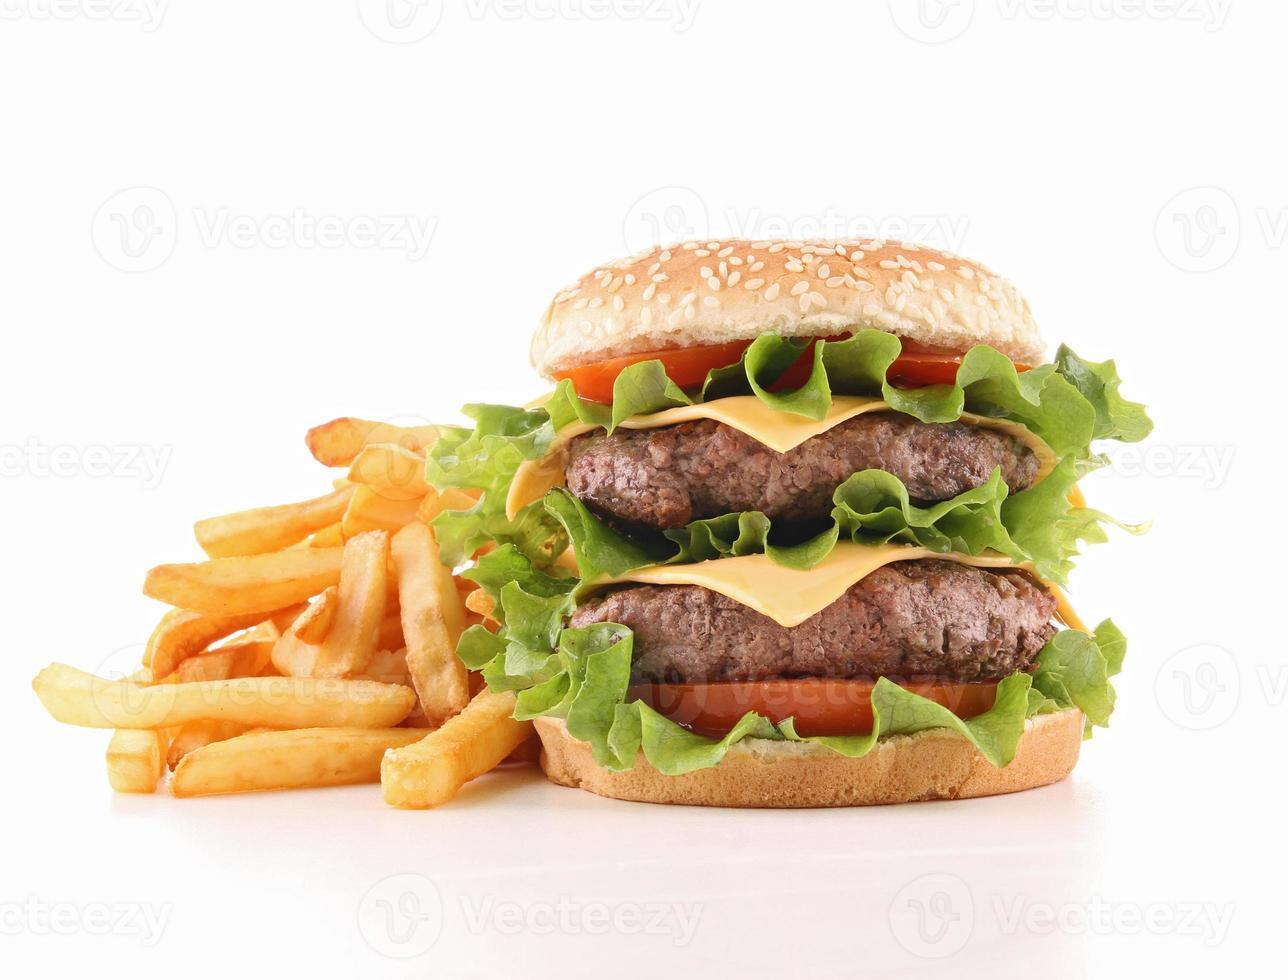 isolierte Hamburger und Pommes foto